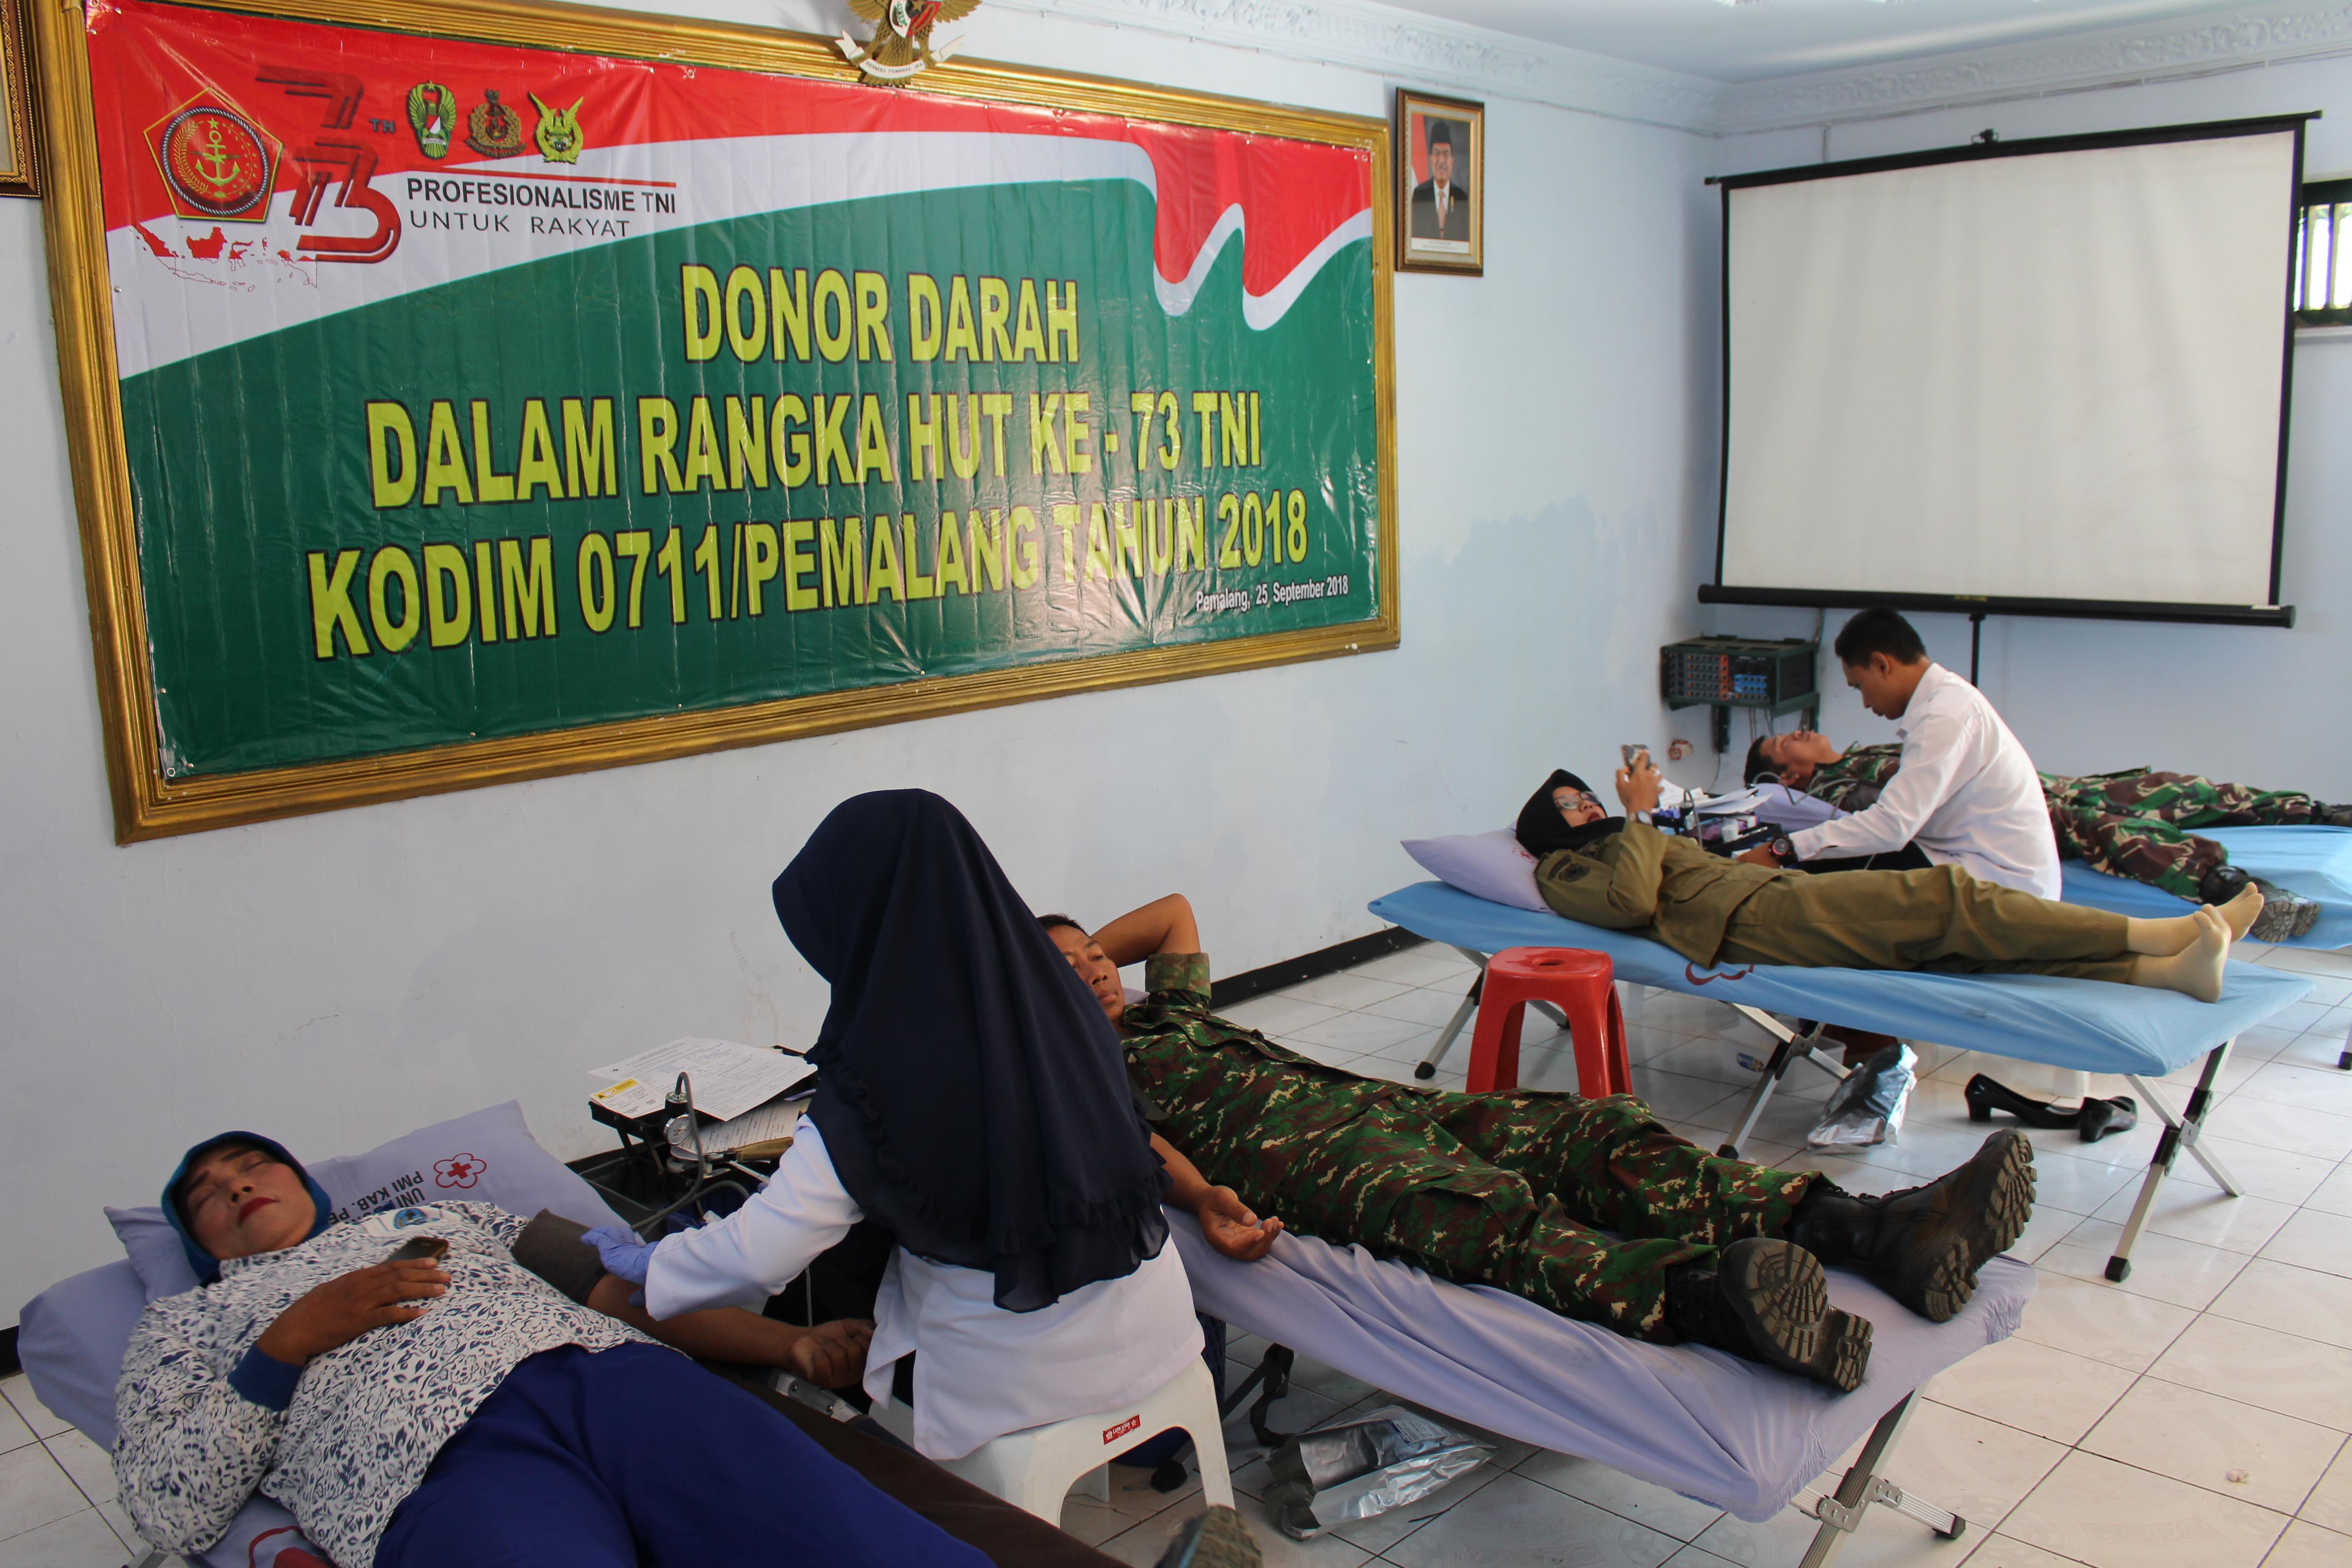 KODIM 0711/PEMALANG GELAR DONOR DARAH DALAM RANGKA HUT TNI KE 73 TAHUN 2018